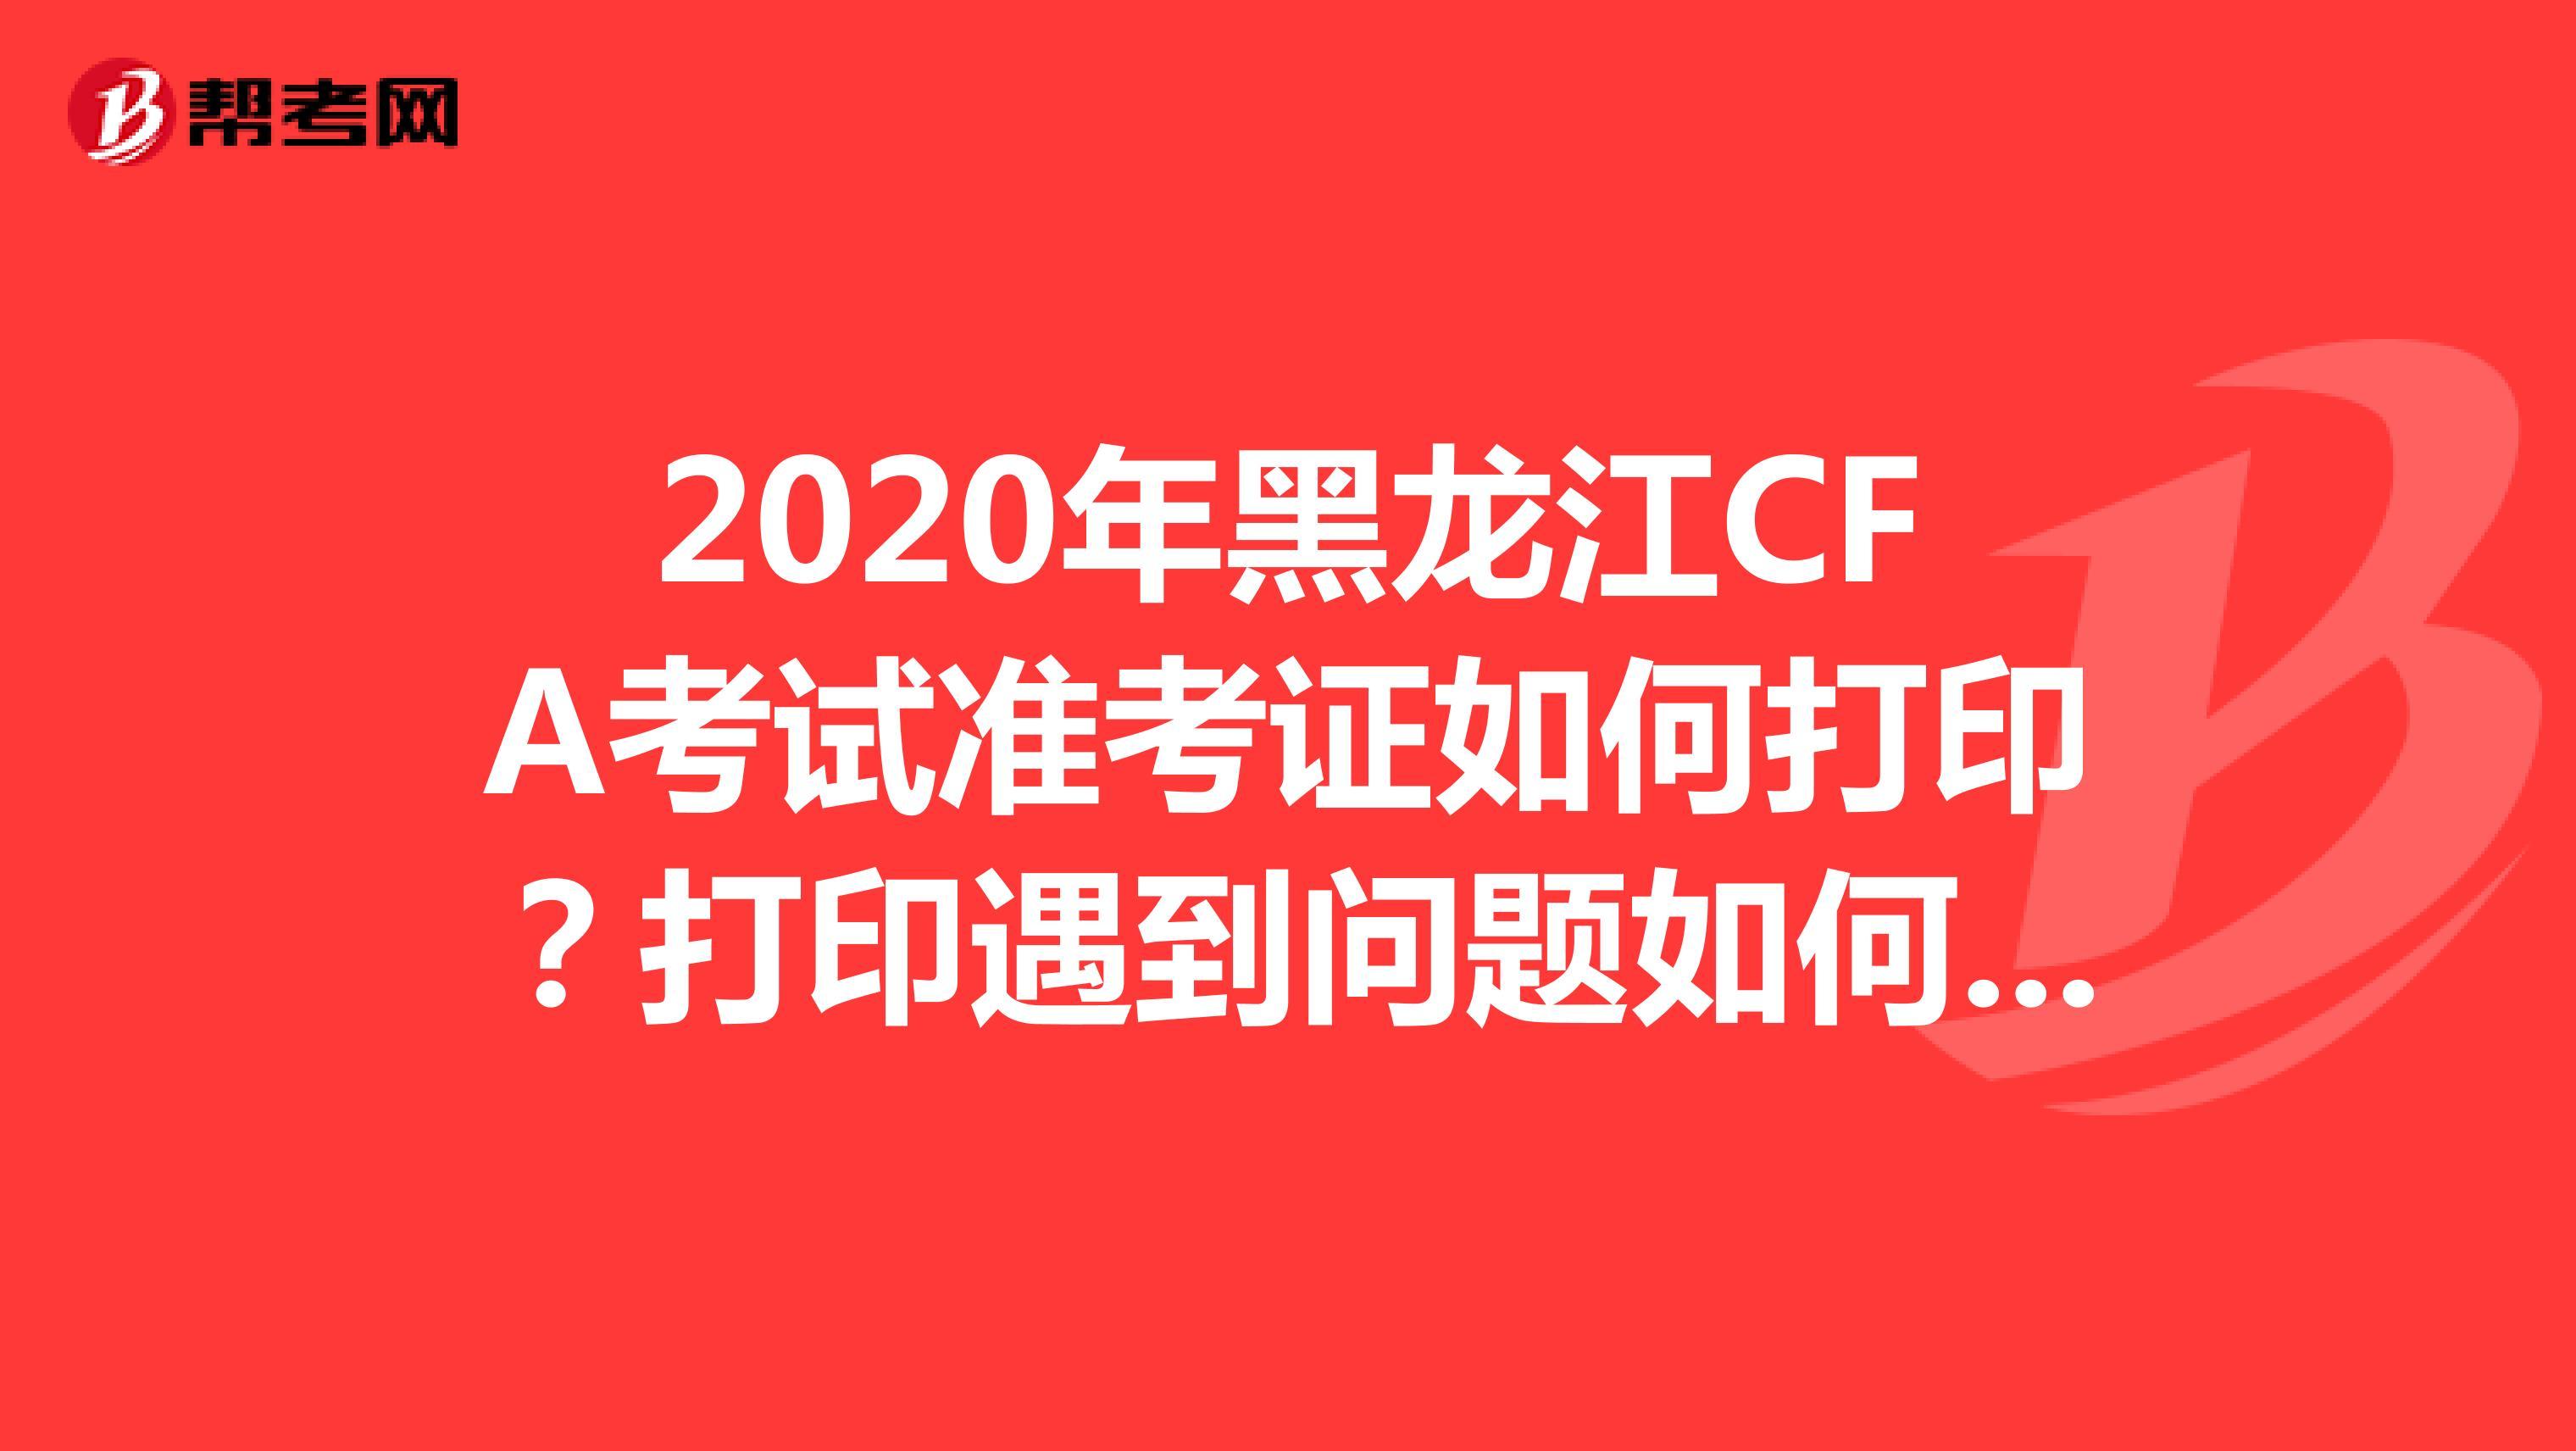 2020年黑龙江CFA考试准考证如何打印?打印遇到问题如何处理?